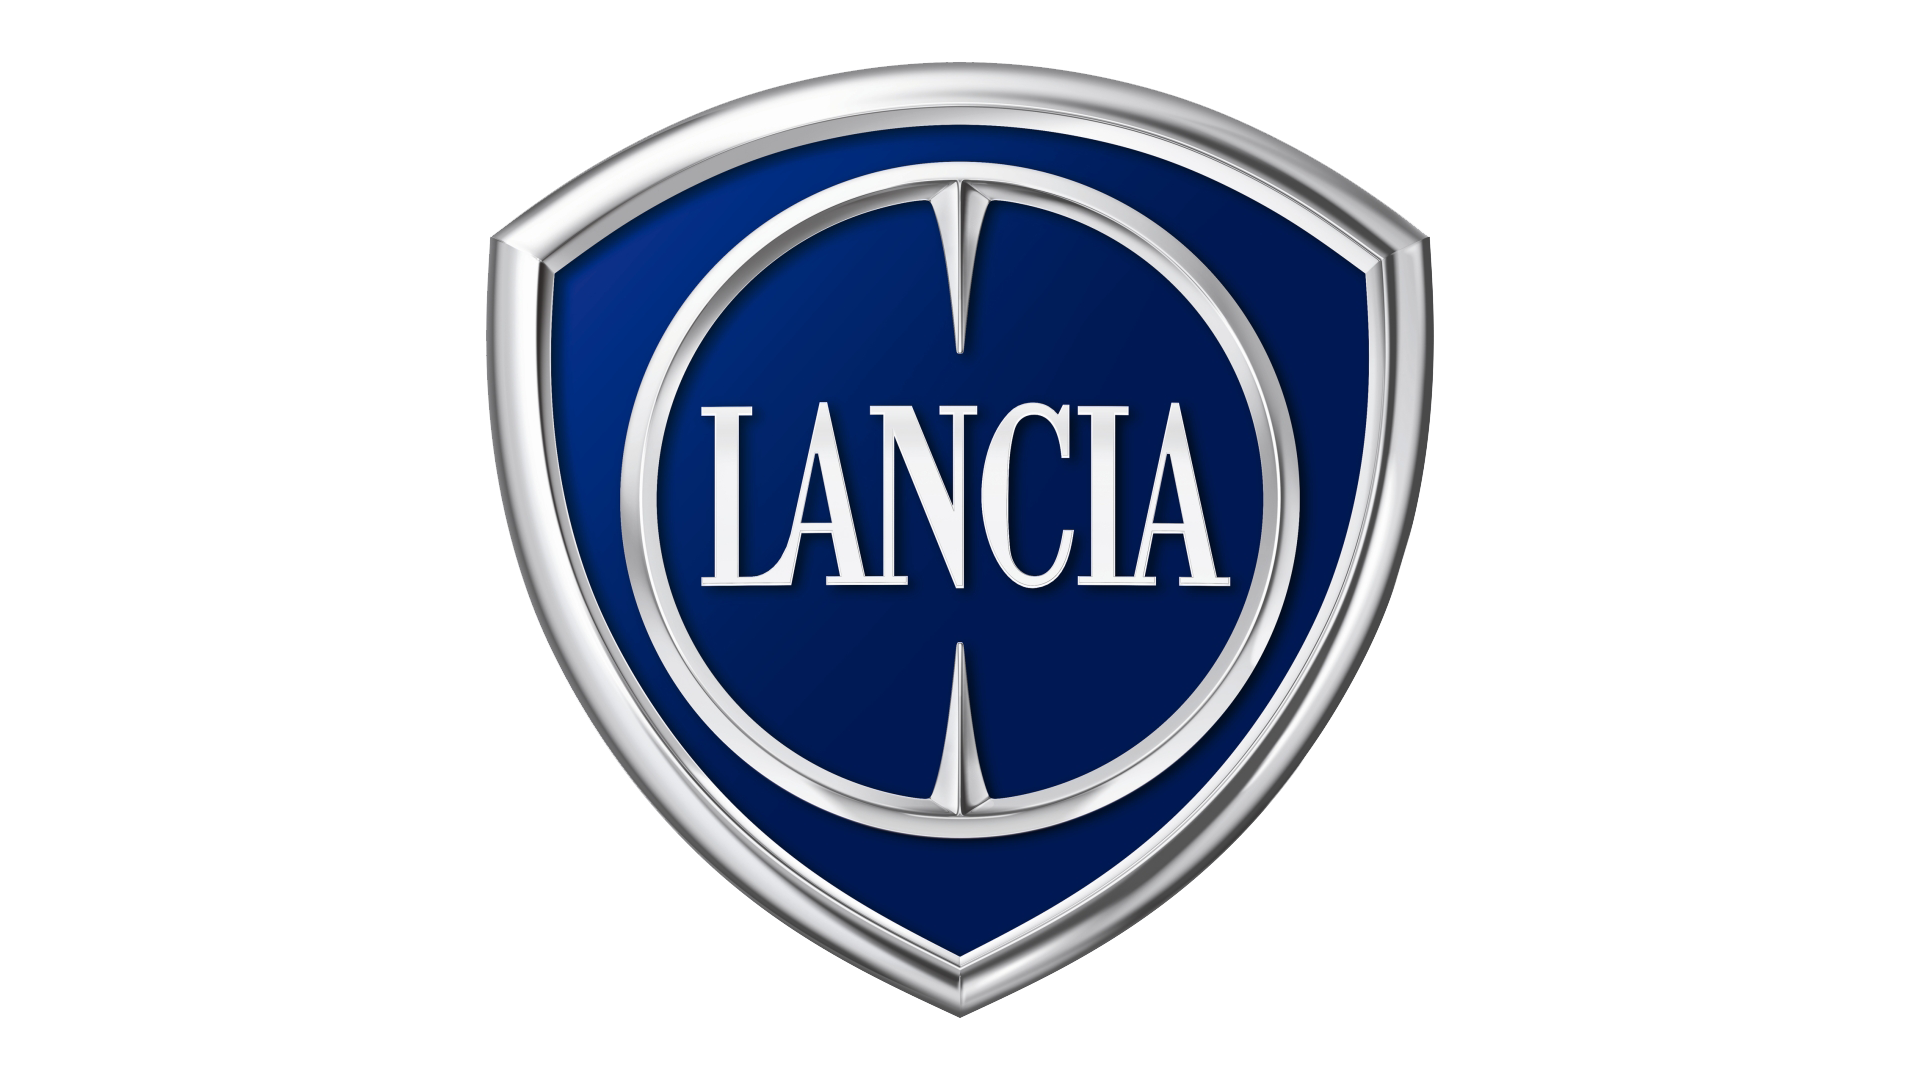 Lancia-logo-2007-1920x1080.png